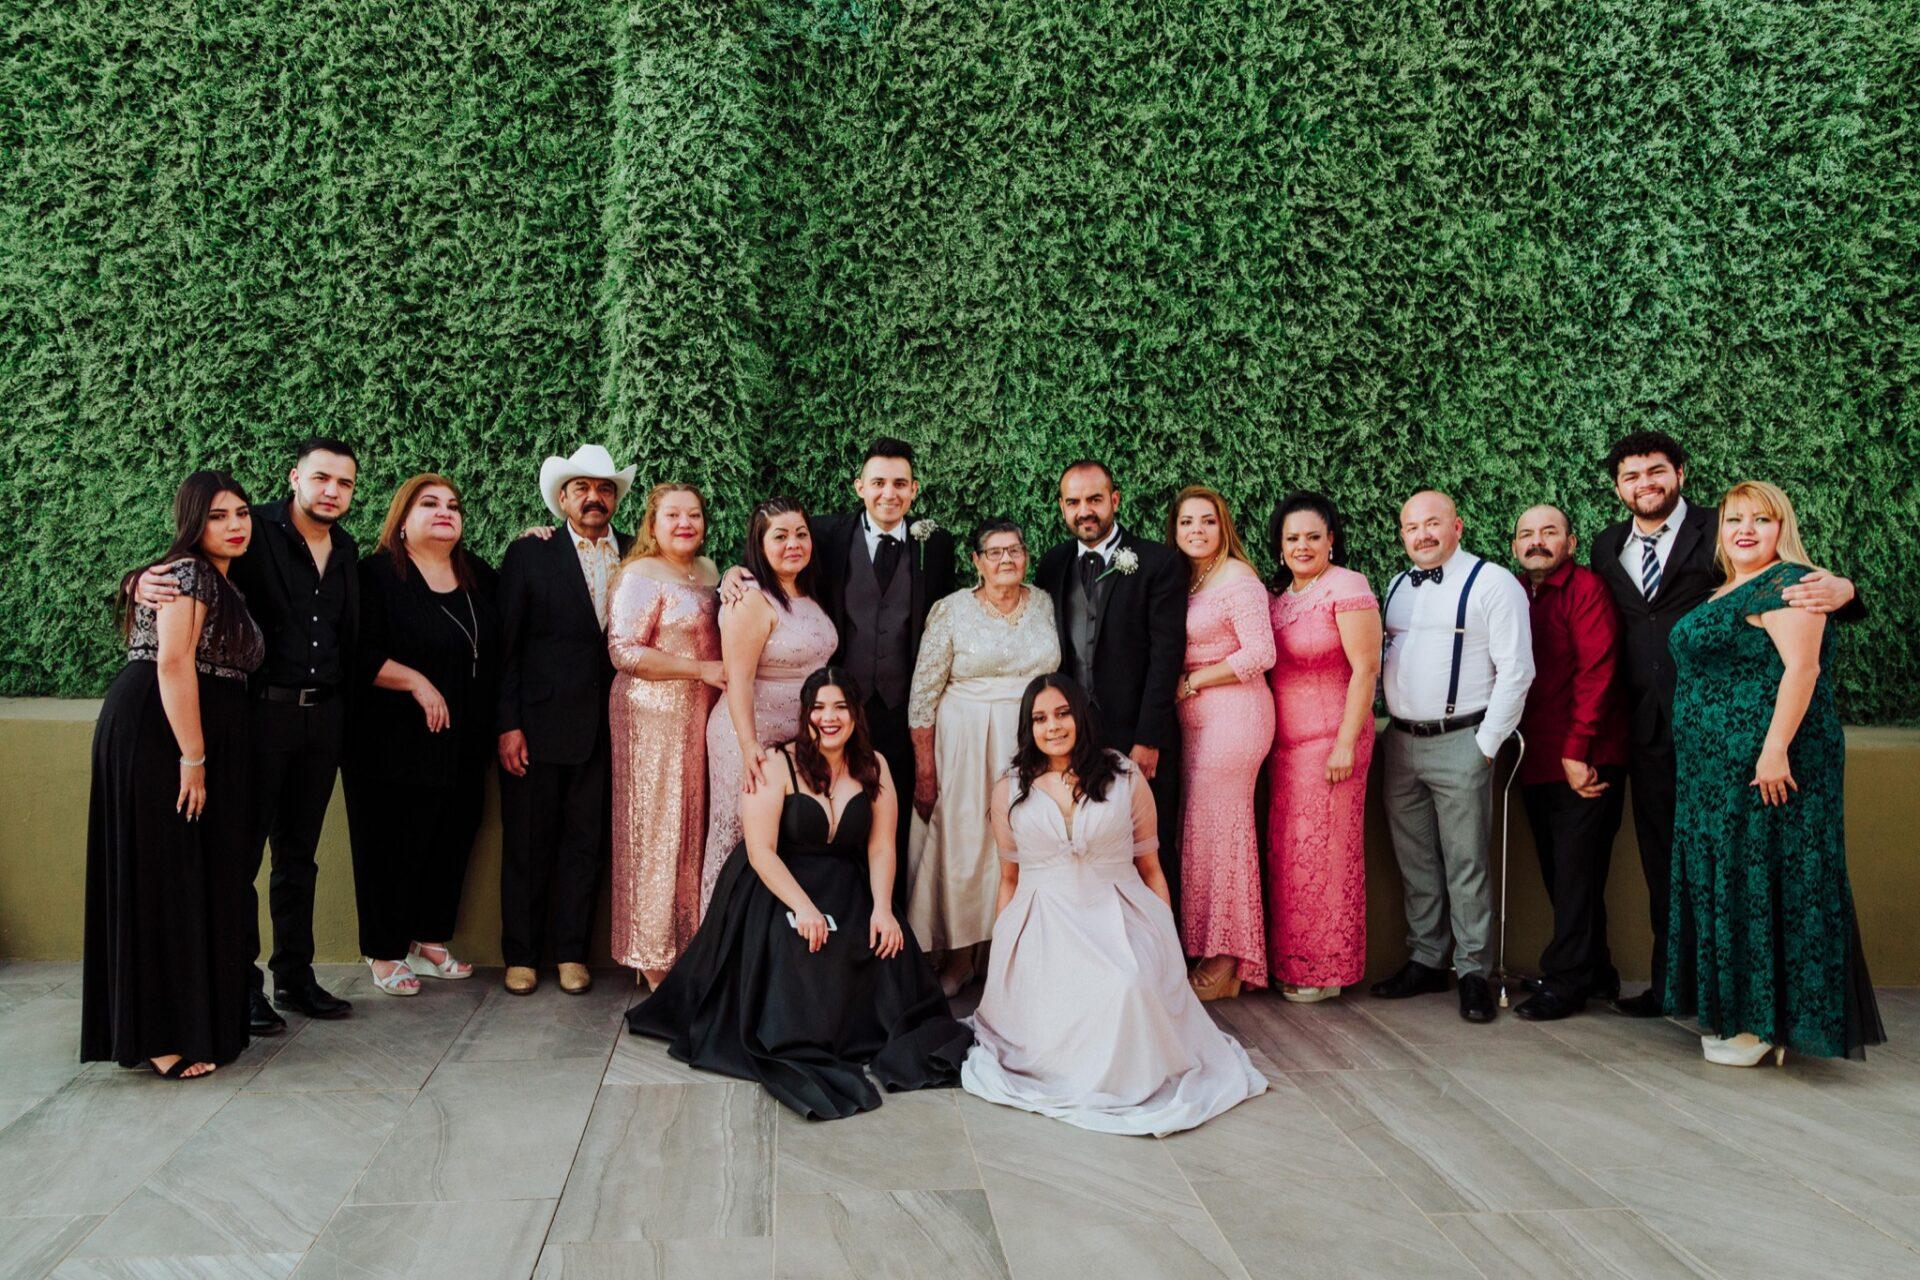 javier_noriega_fotografo_bodas_alicia_garden_zacatecas_wedding_photographer17